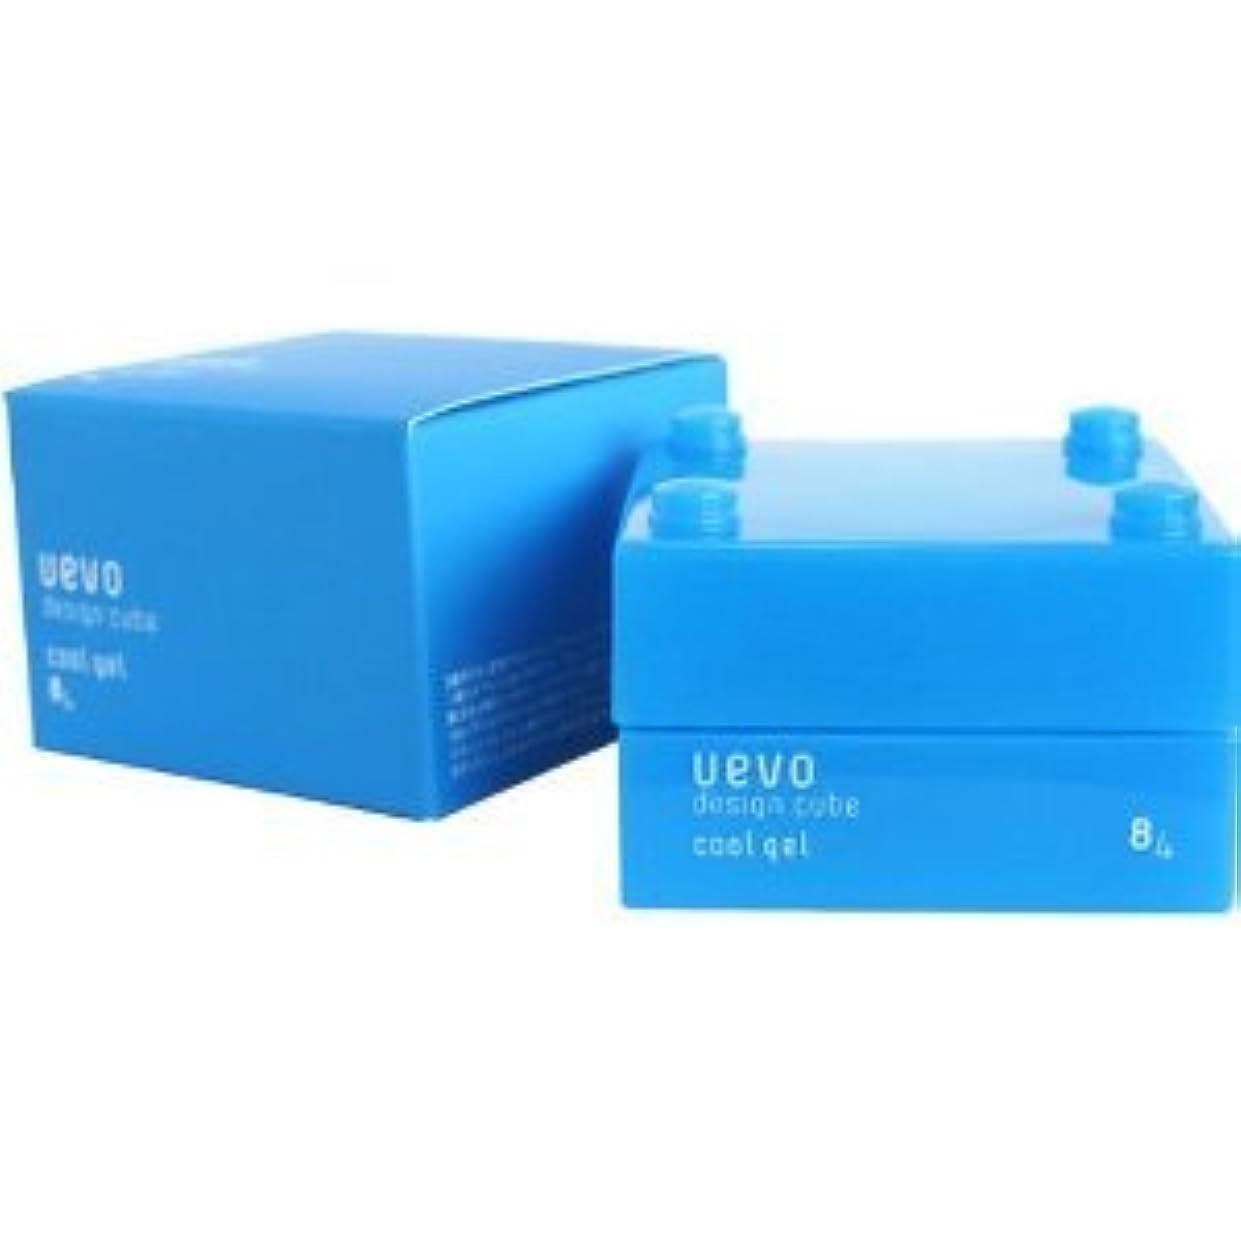 相対的砲兵呼び起こす【X2個セット】 デミ ウェーボ デザインキューブ クールジェル 30g cool gel DEMI uevo design cube